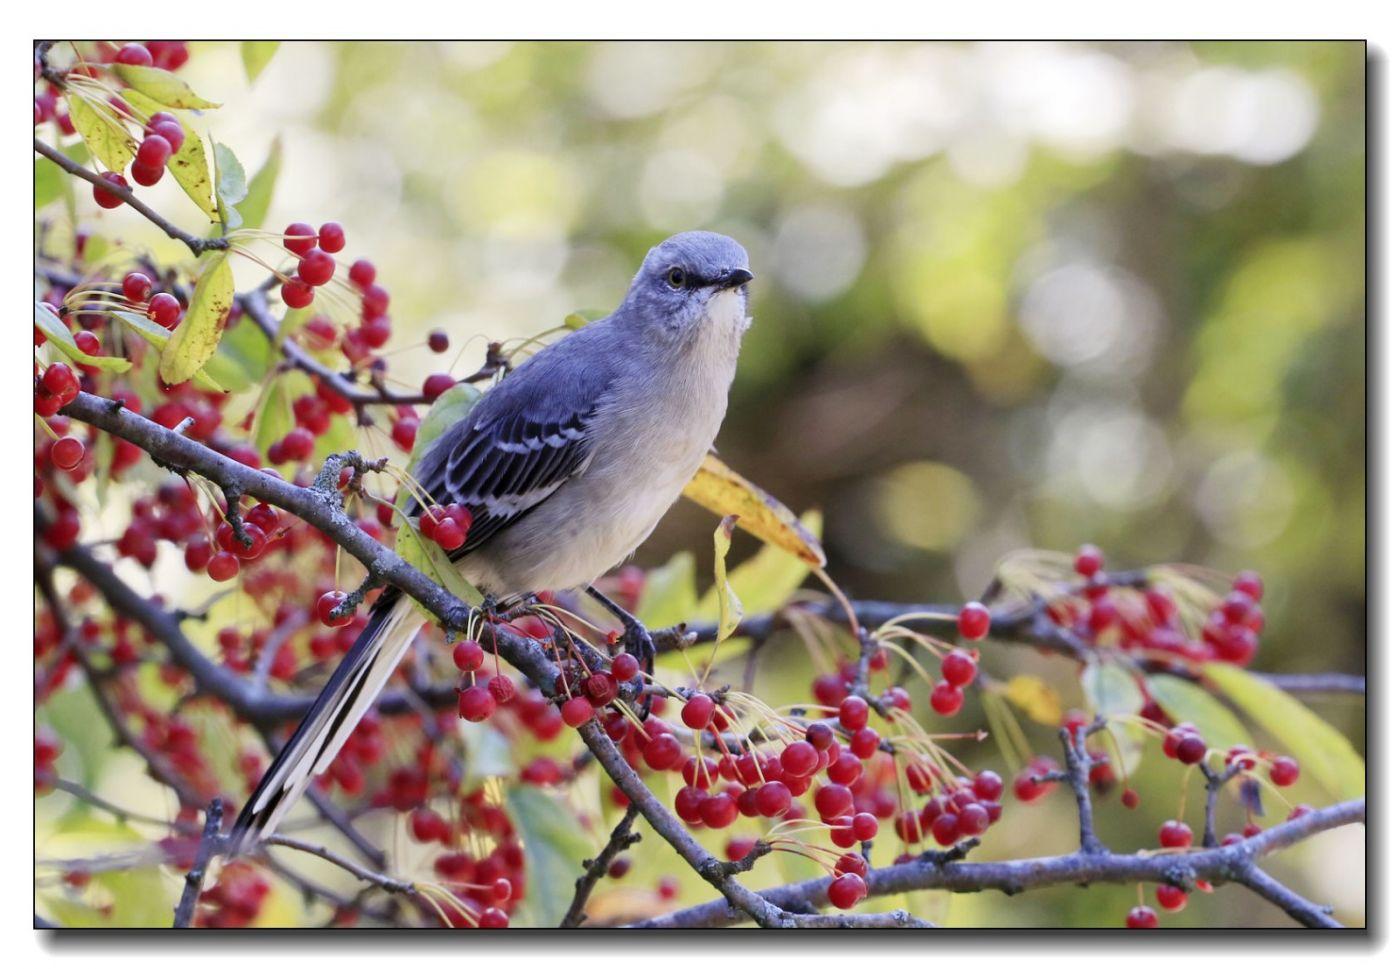 果熟鸟来图-知更鸟、灰猫朝鸫_图1-7